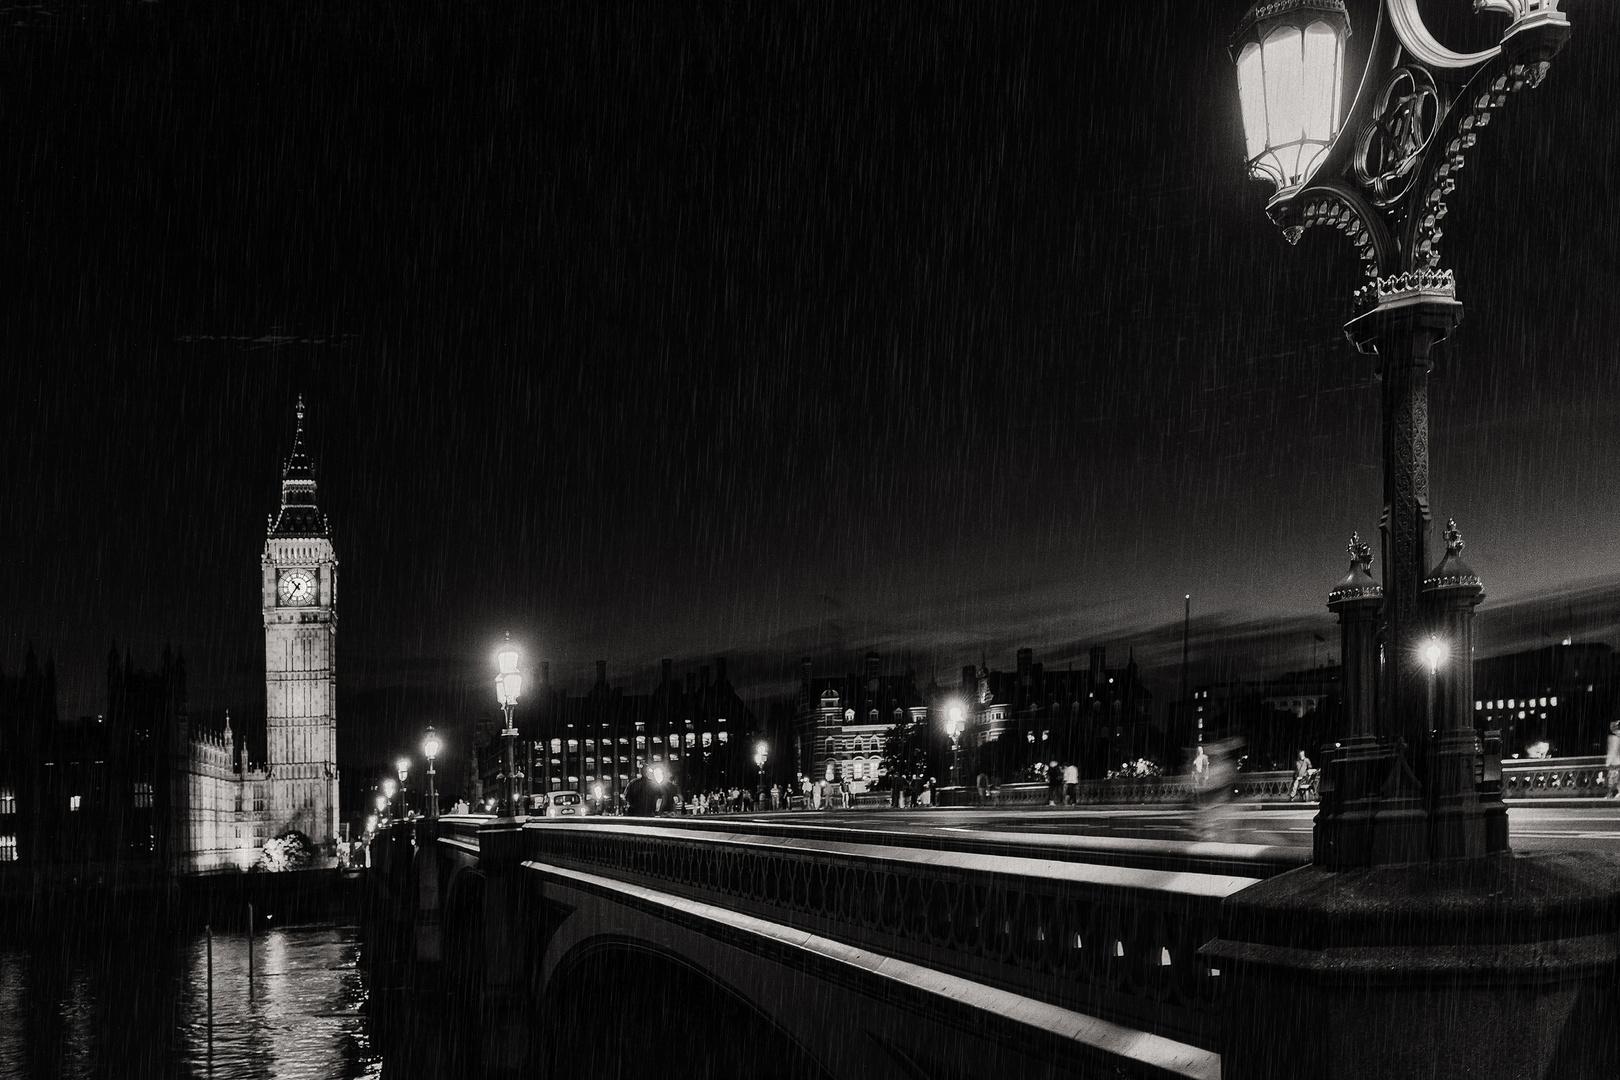 london - 10:36 pm im regen